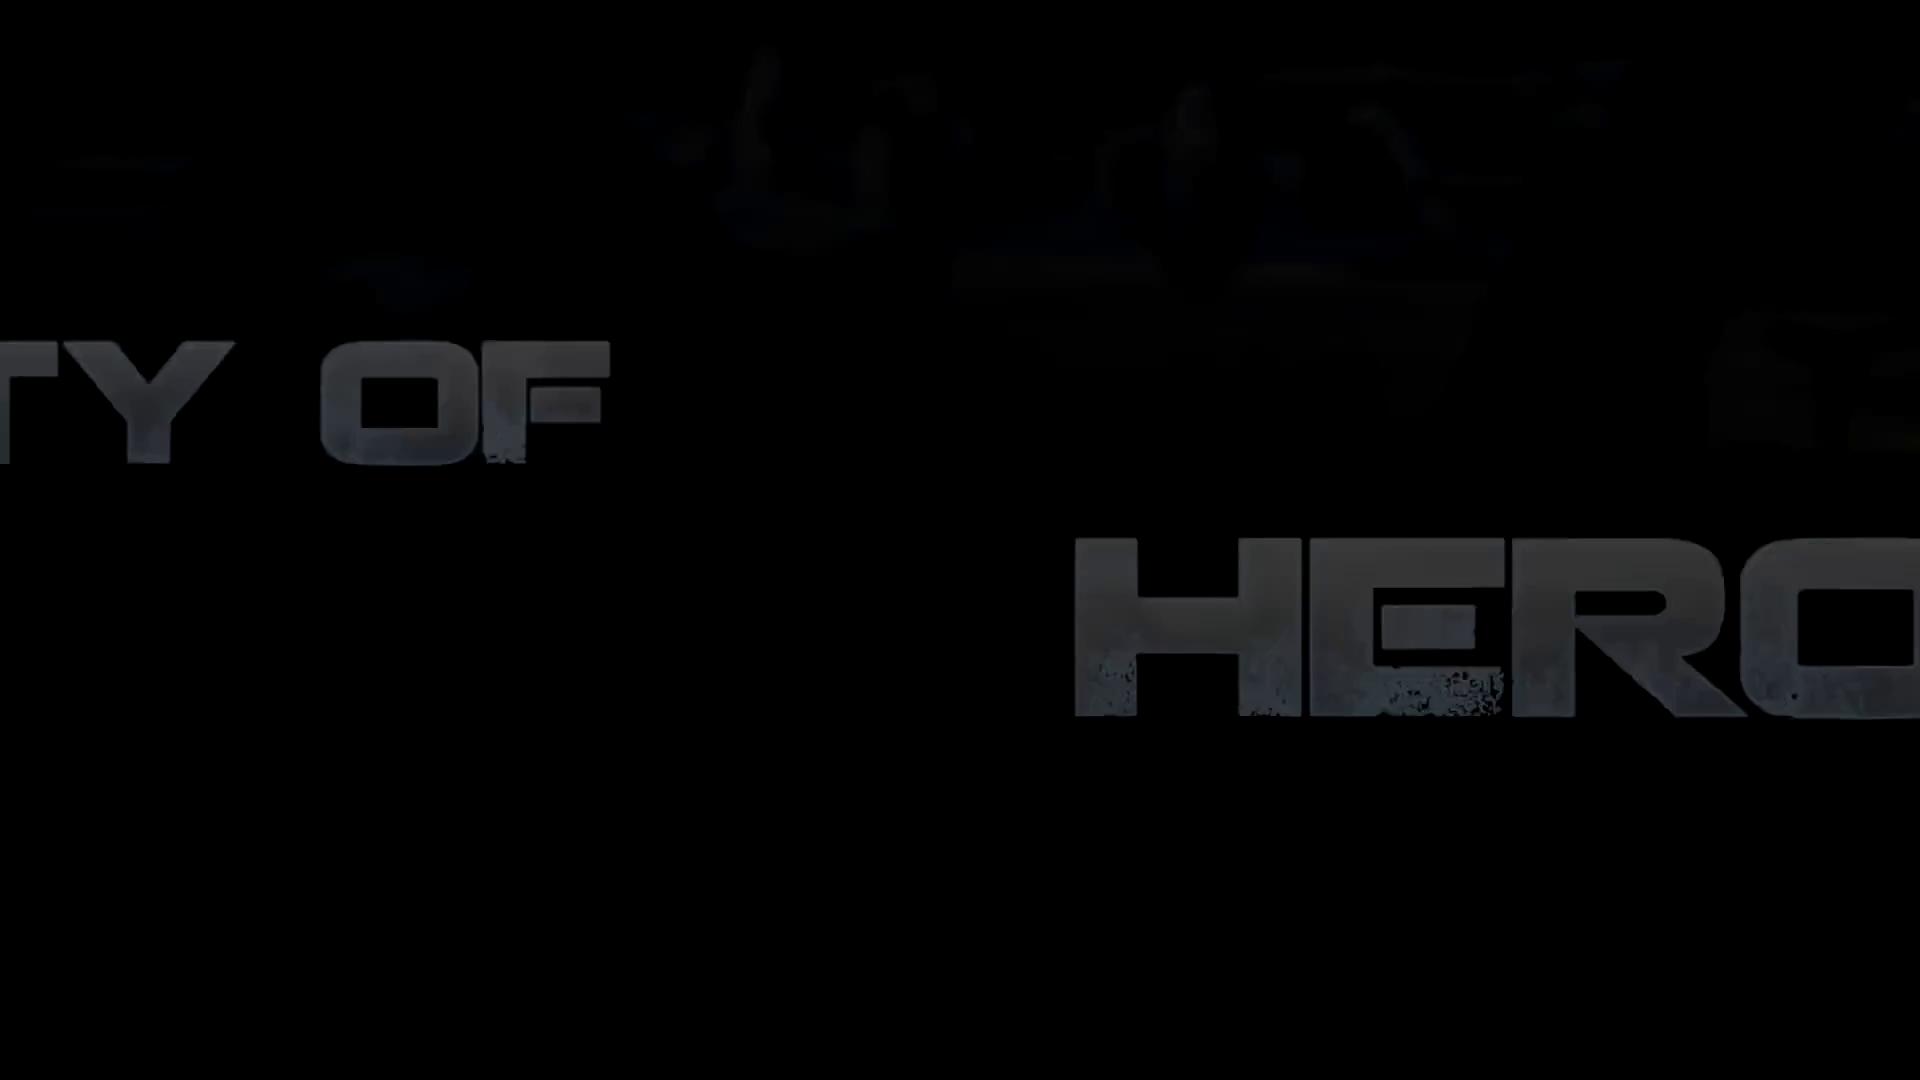 Heroes Infinity - Game nhập vai đi cảnh màn hình ngang độc đáo của người Việt